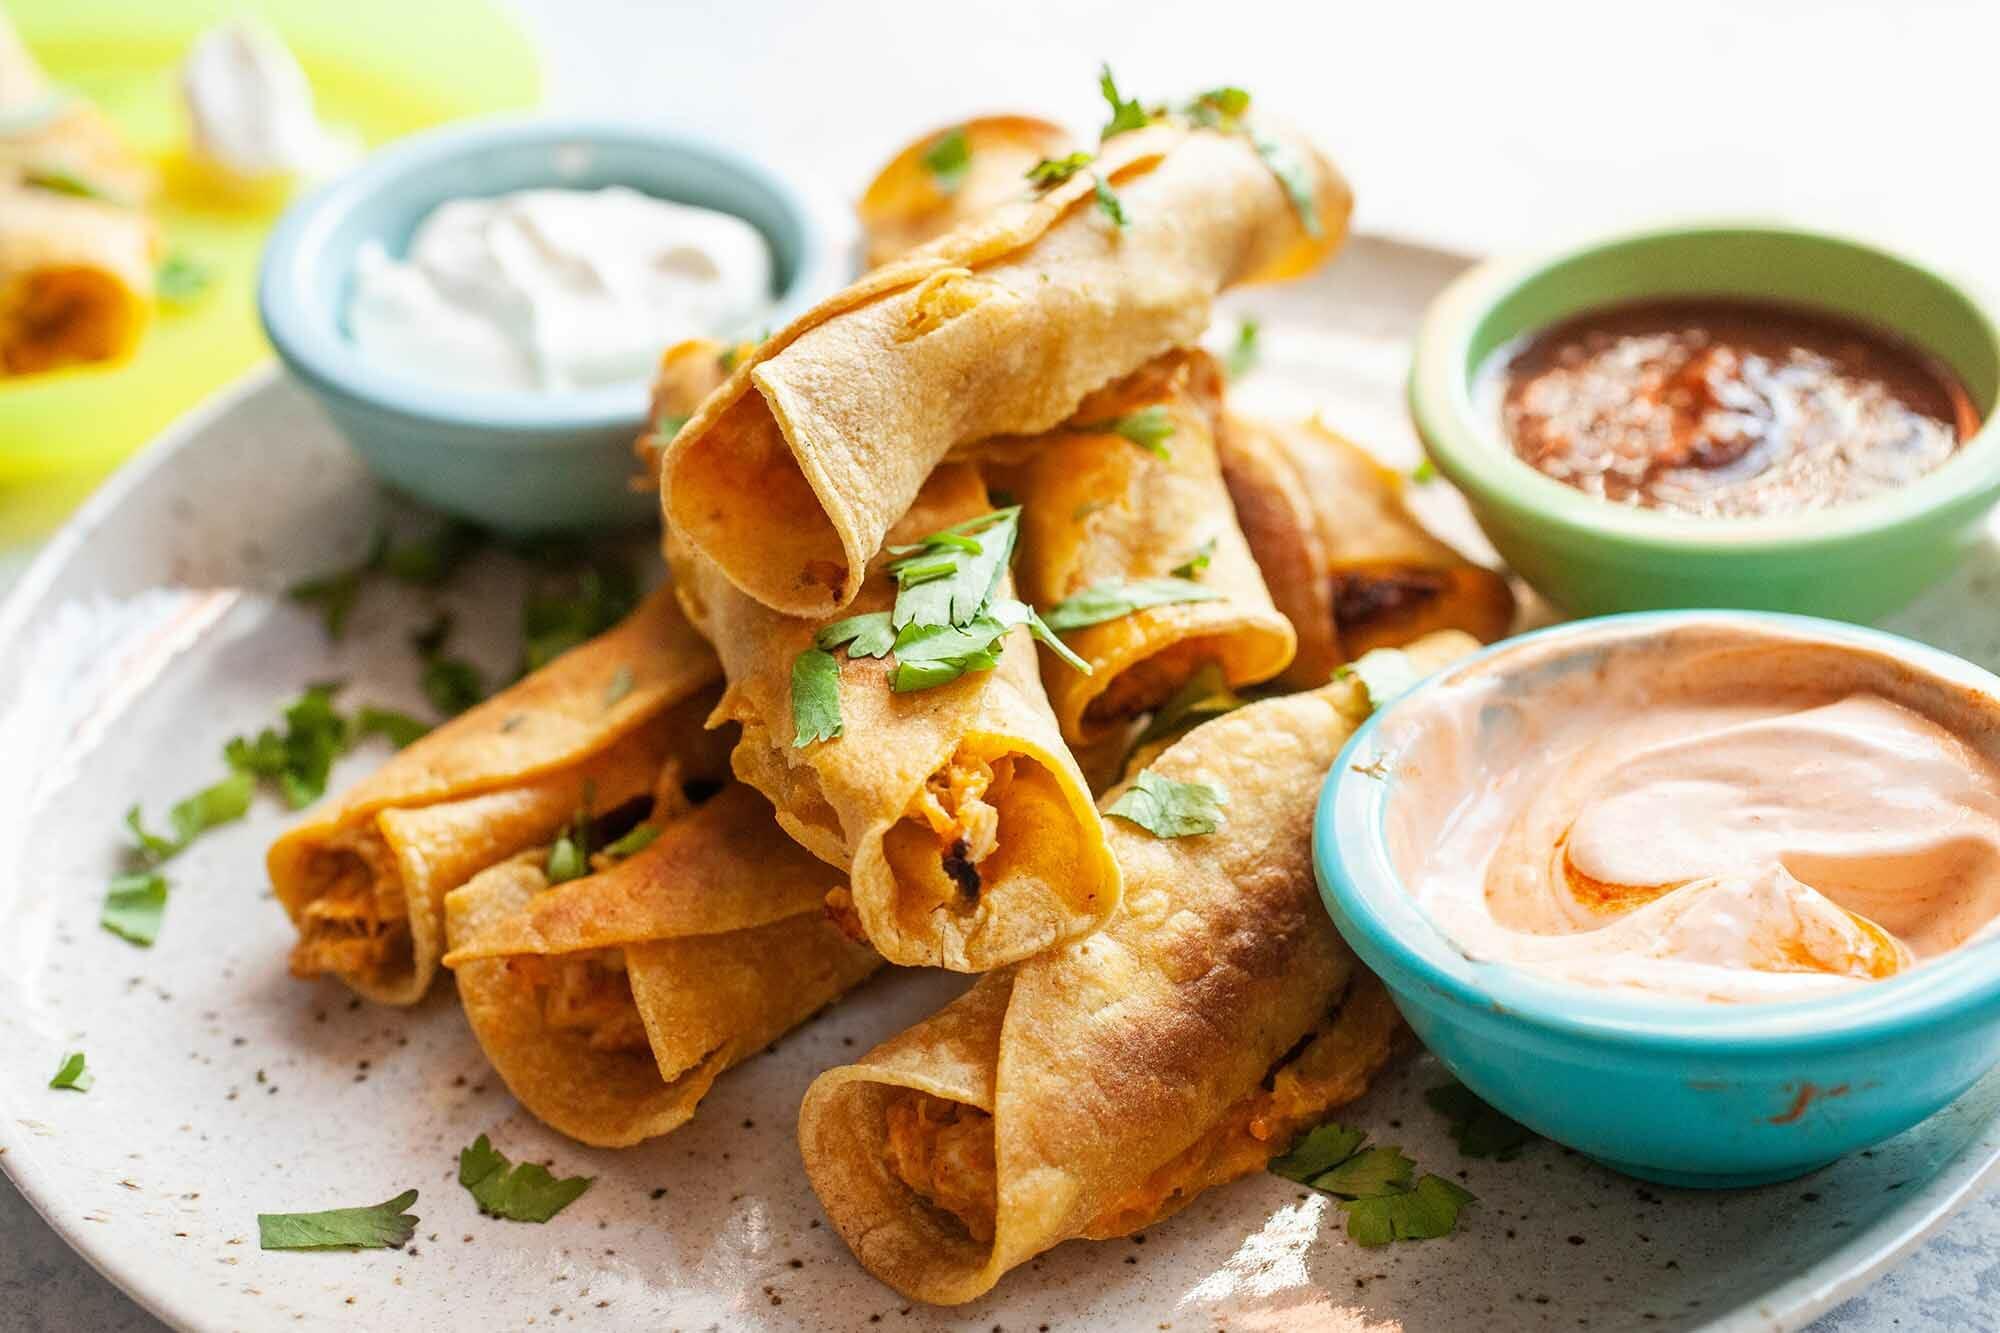 Tacos de pollo al horno